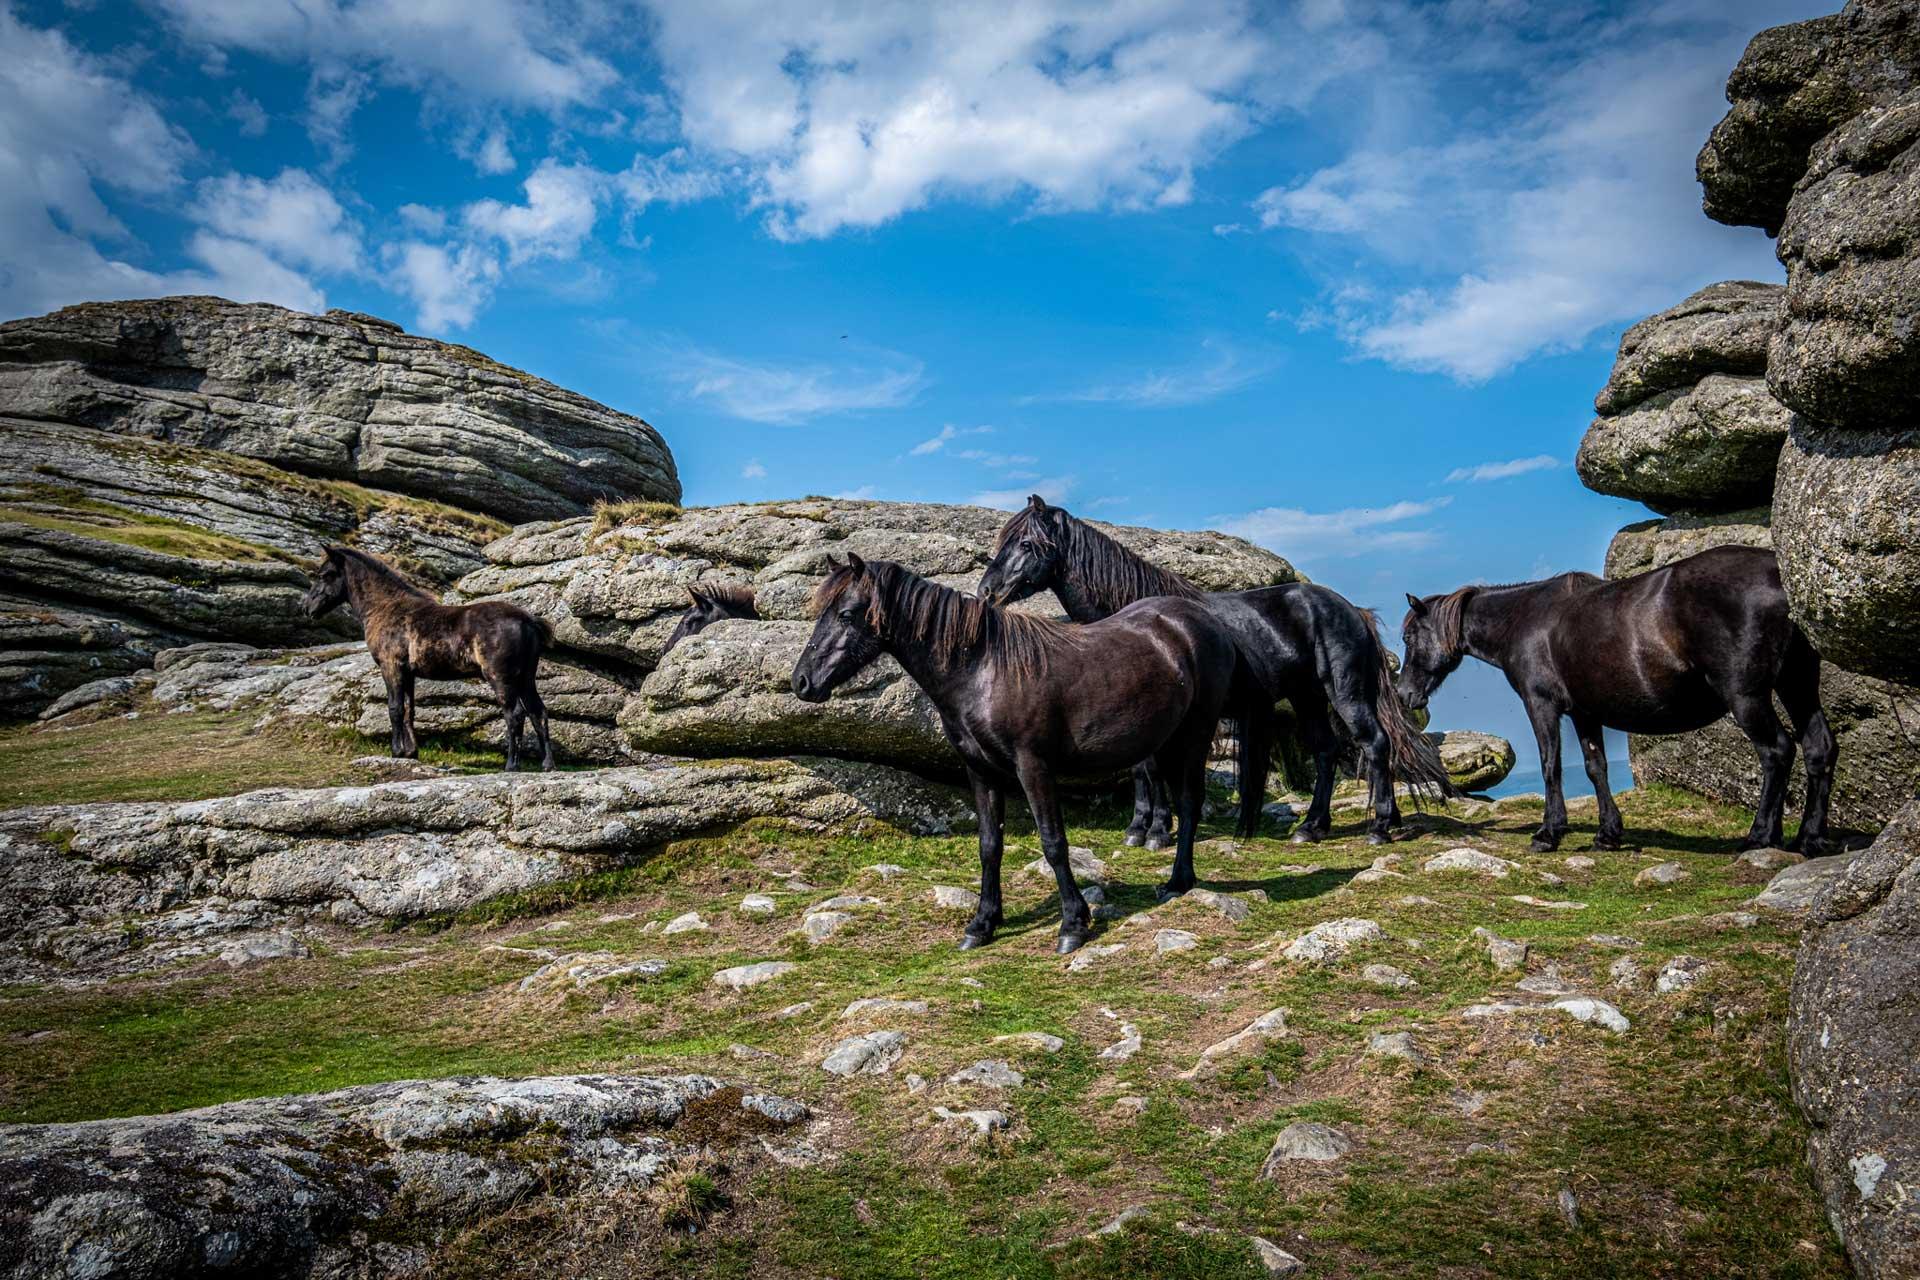 The famous Dartmoor Ponies